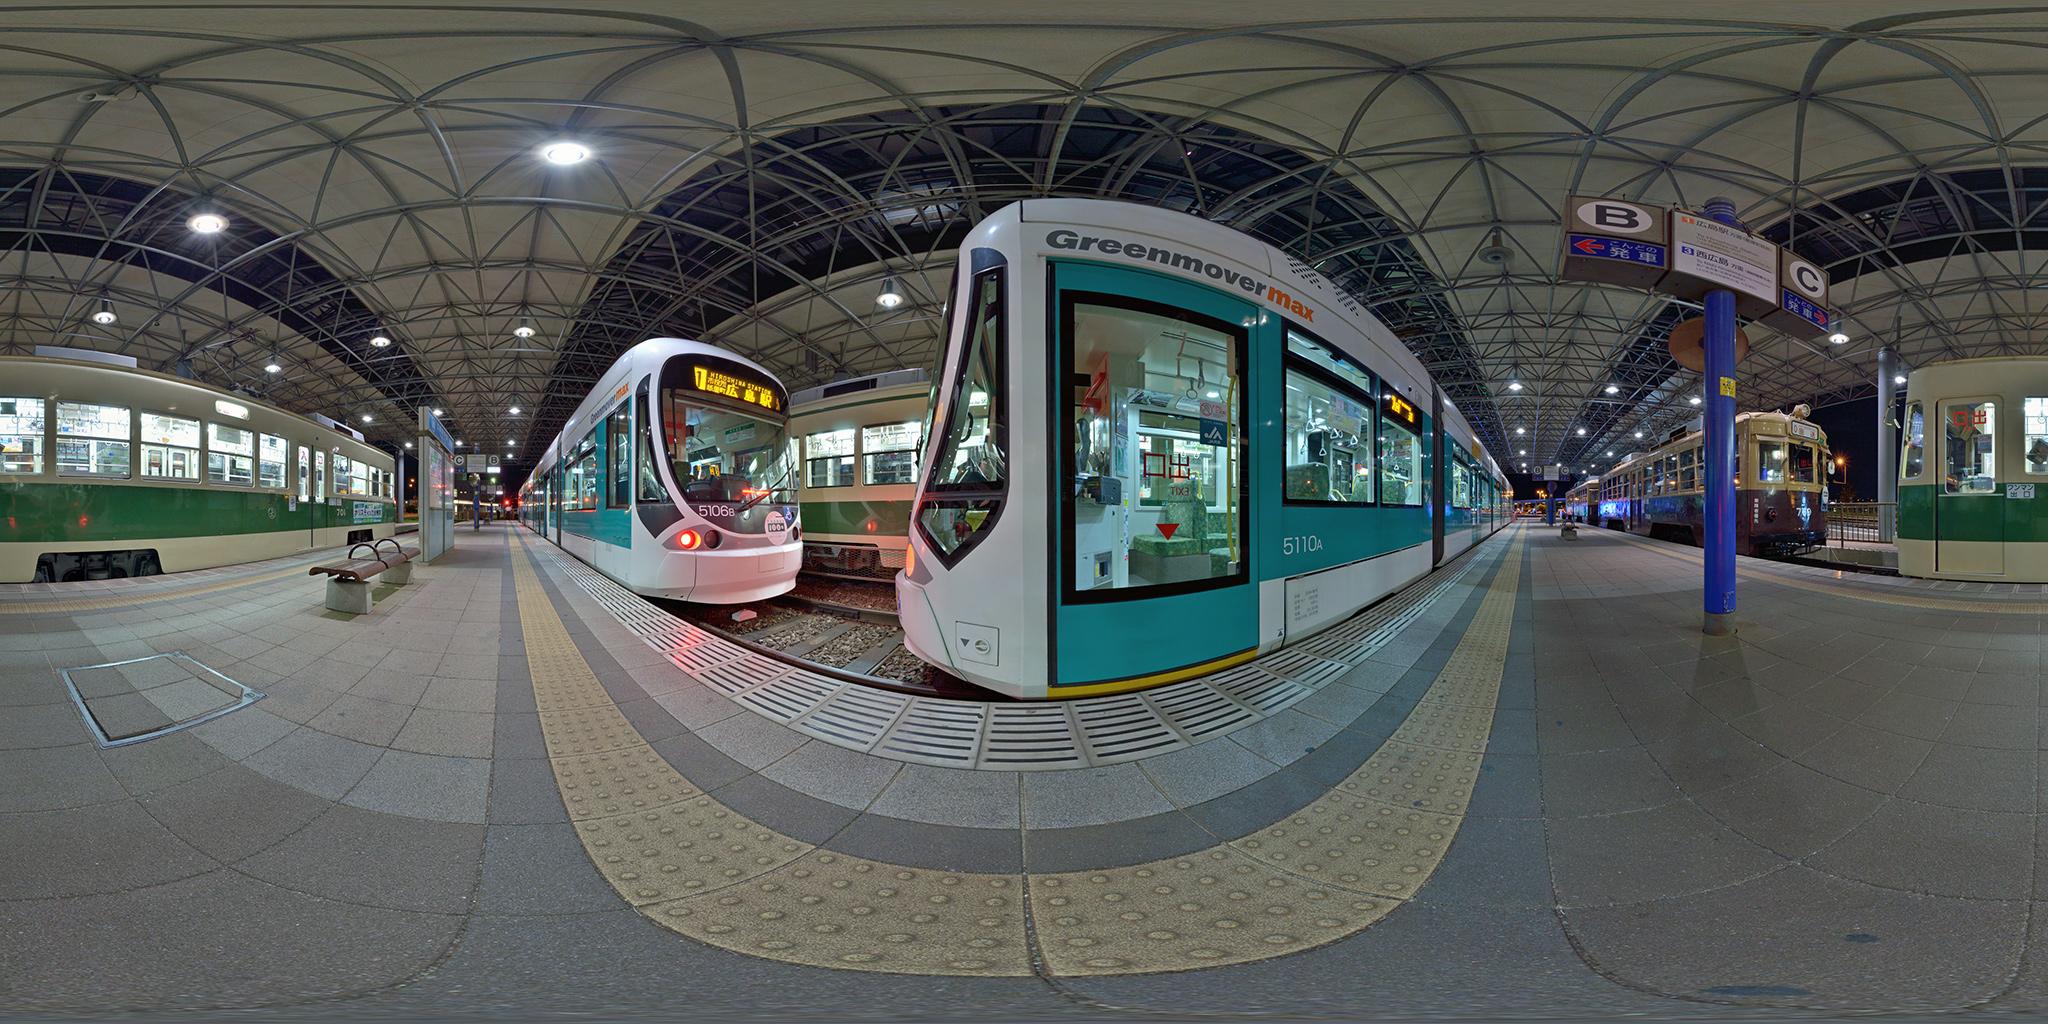 広島港電停に並ぶ路面電車とGreen mover max